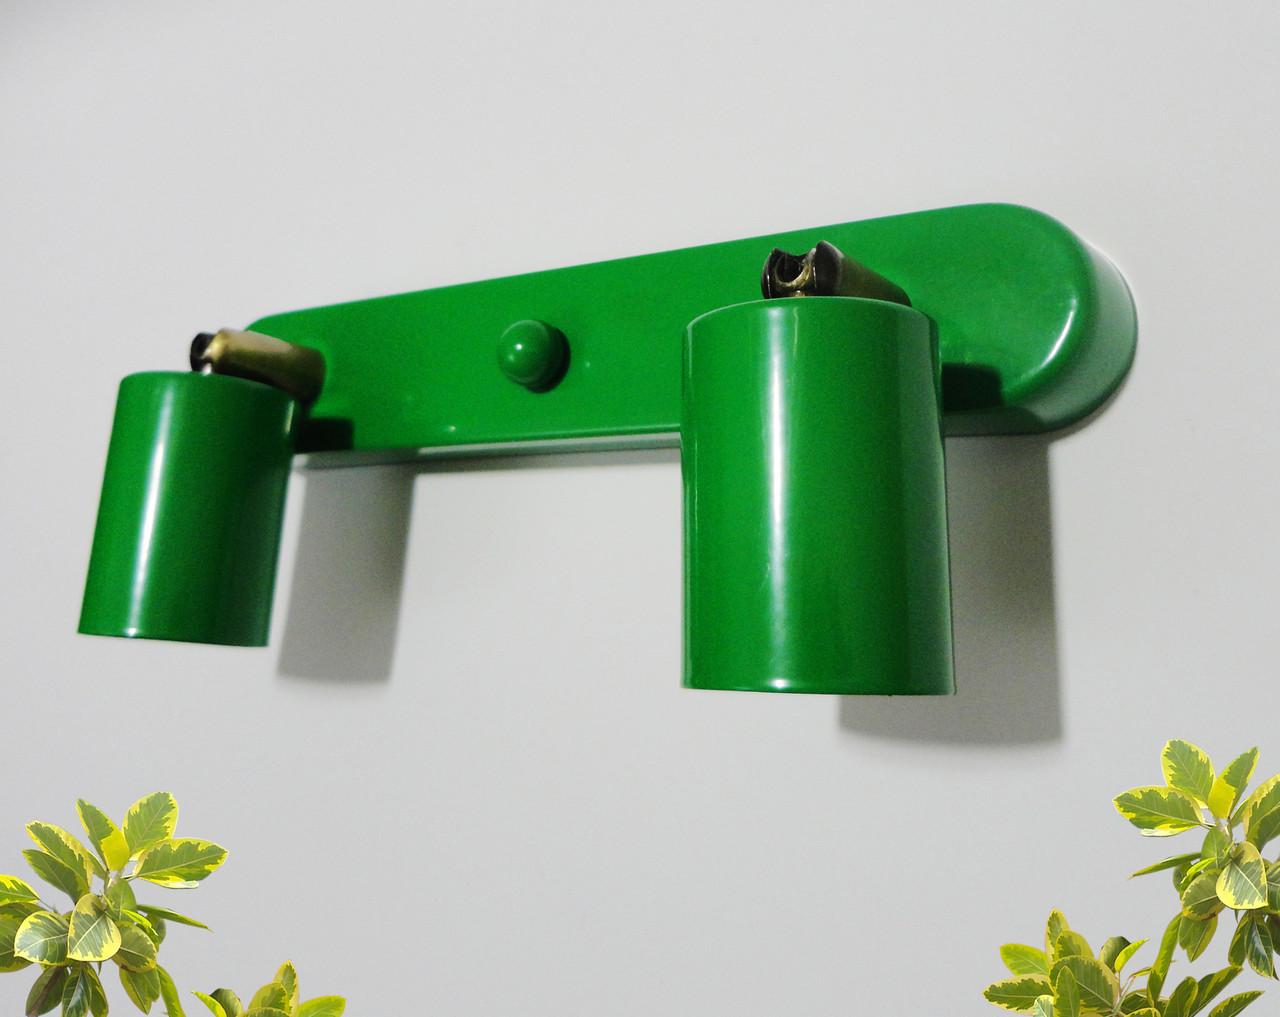 Настенный светильник, спот поворотный, потолочный светильник, на две лампы, Е27 зеленый цвет